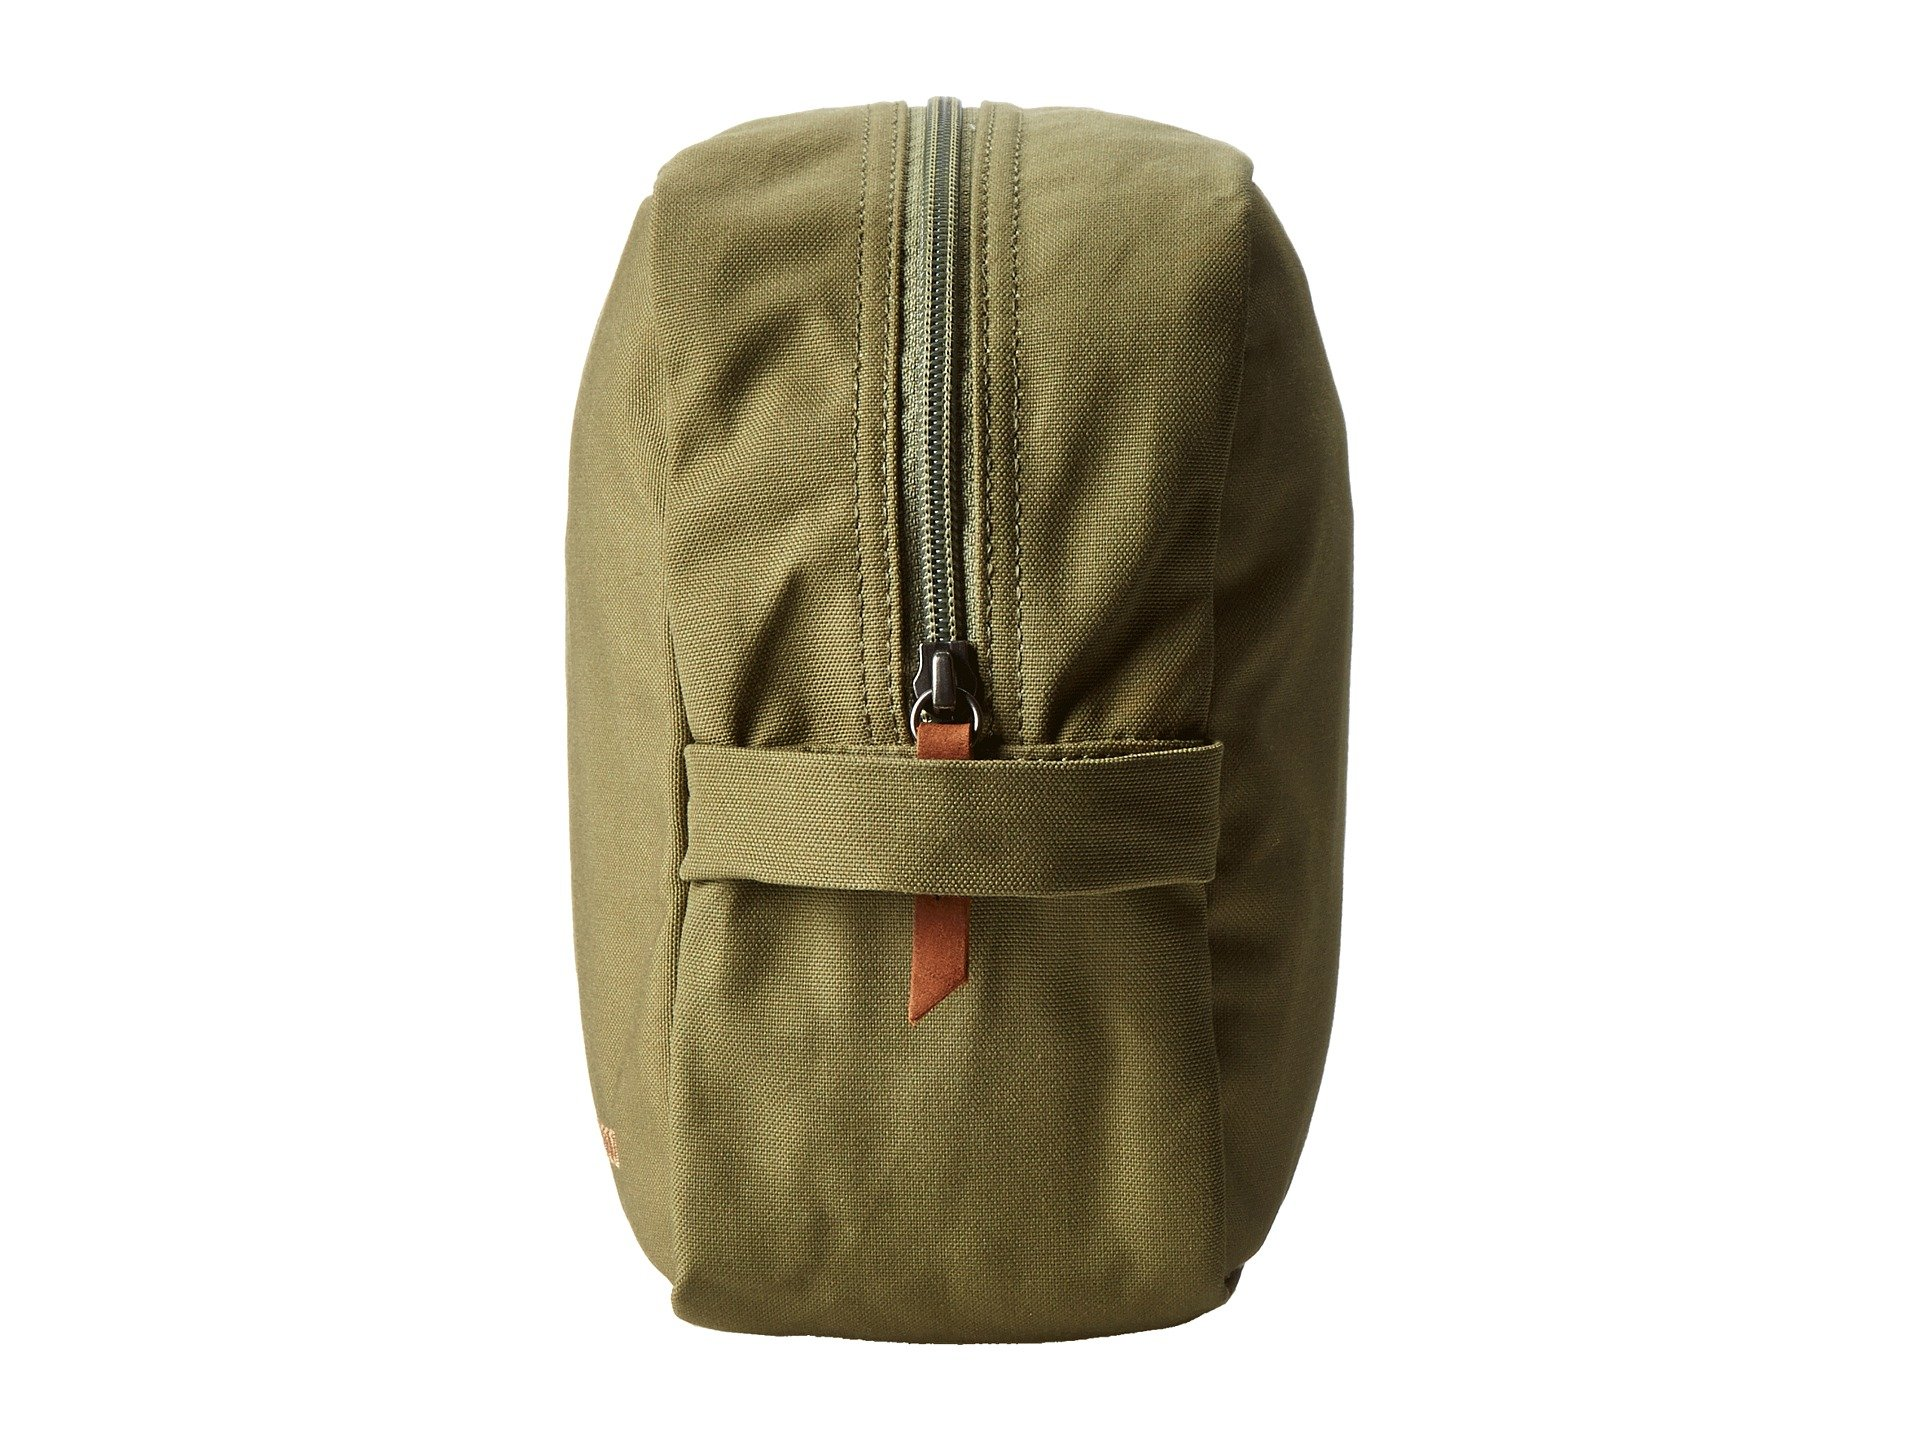 Large Green Gear Fjällräven Gear Large Green Bag Bag Gear Fjällräven Fjällräven A1RrqnwtO1